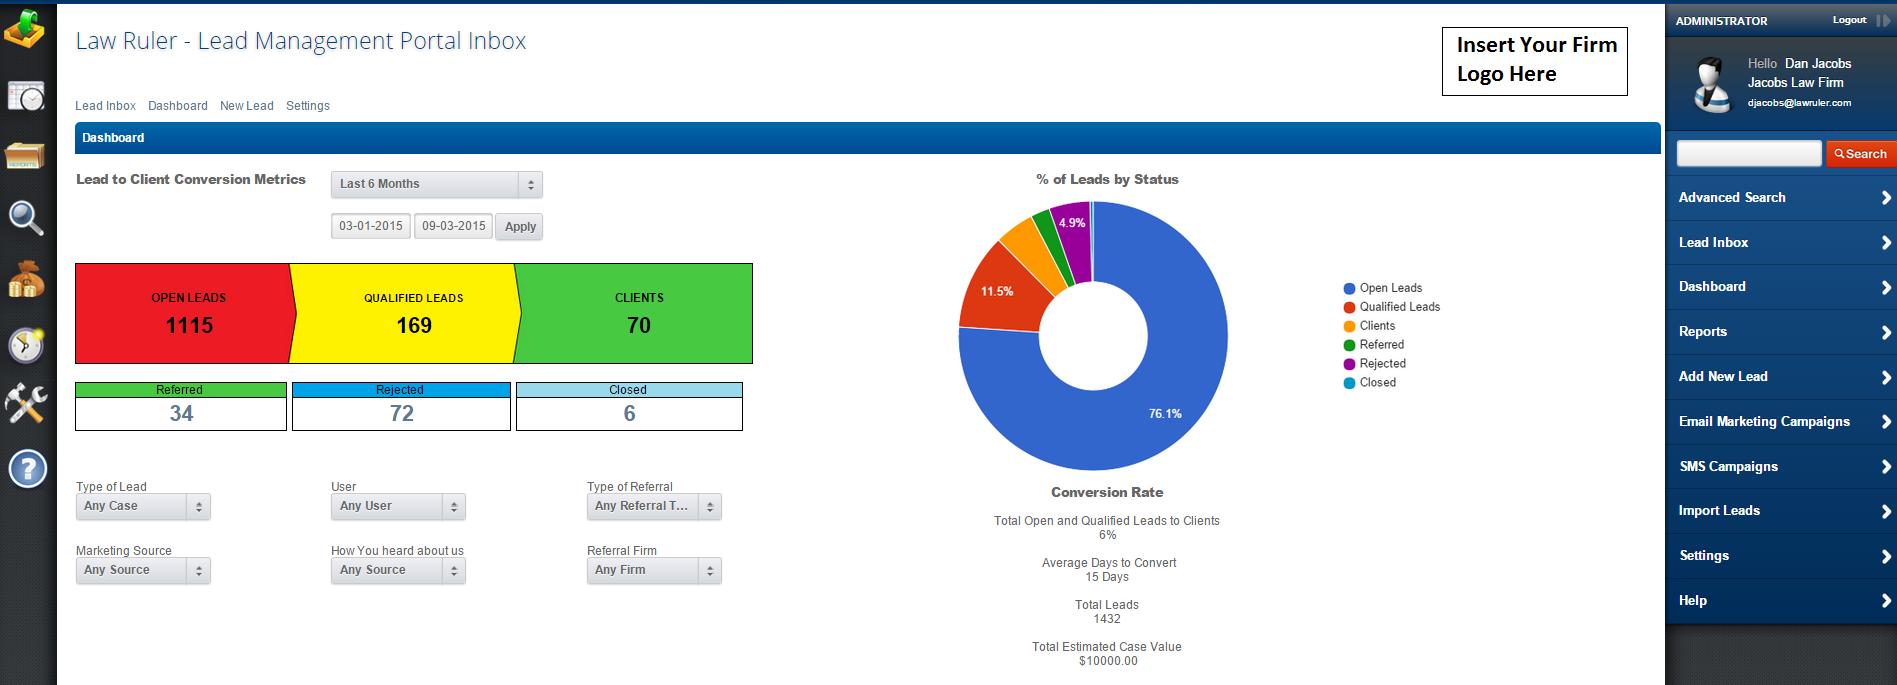 Lead management portal inbox